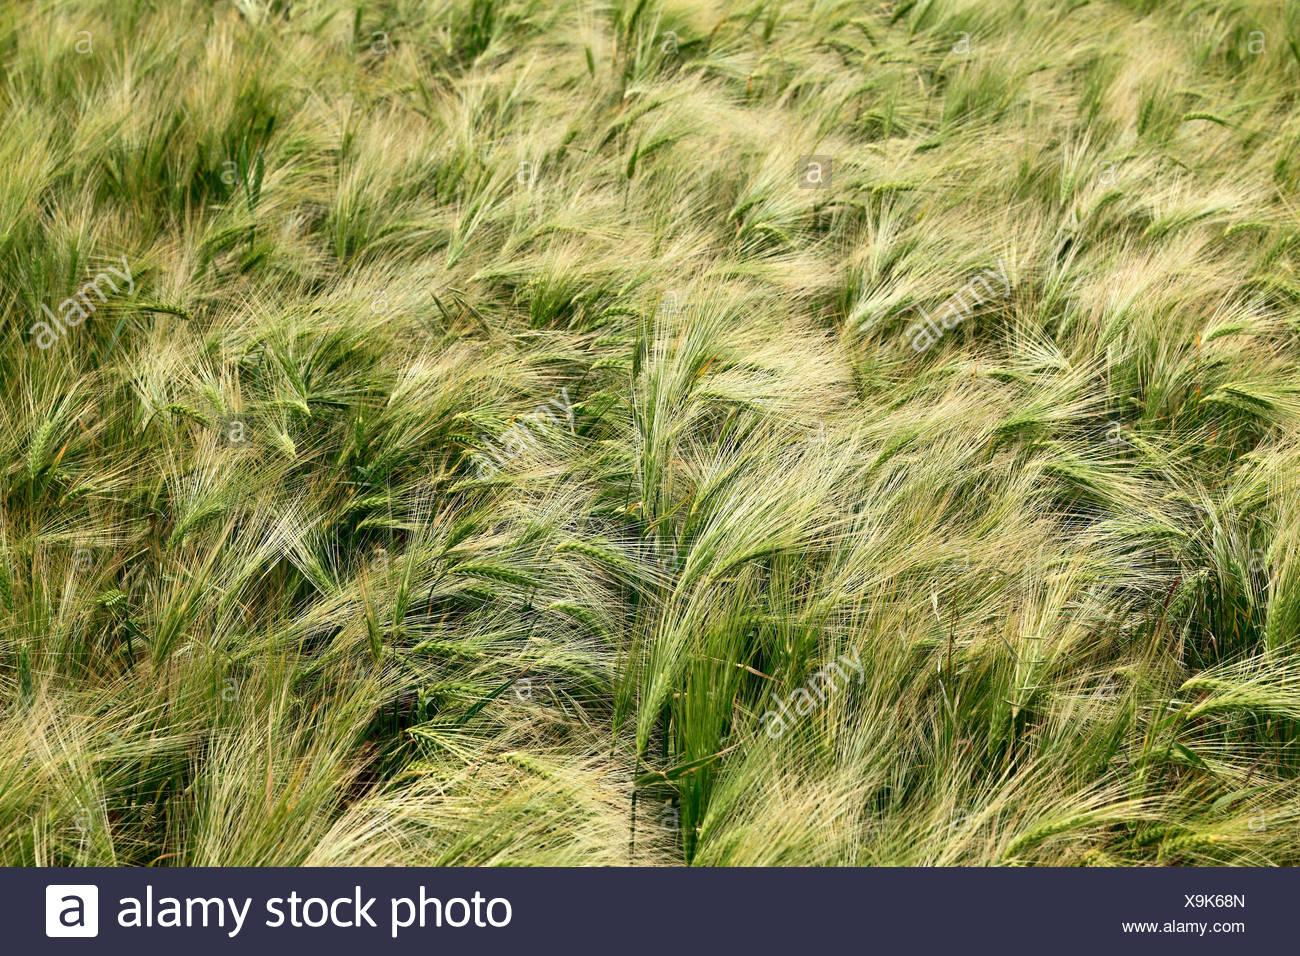 Campo de Cebada Hordeum vulgare, agricultura campos de cultivo Inglaterra Imagen De Stock